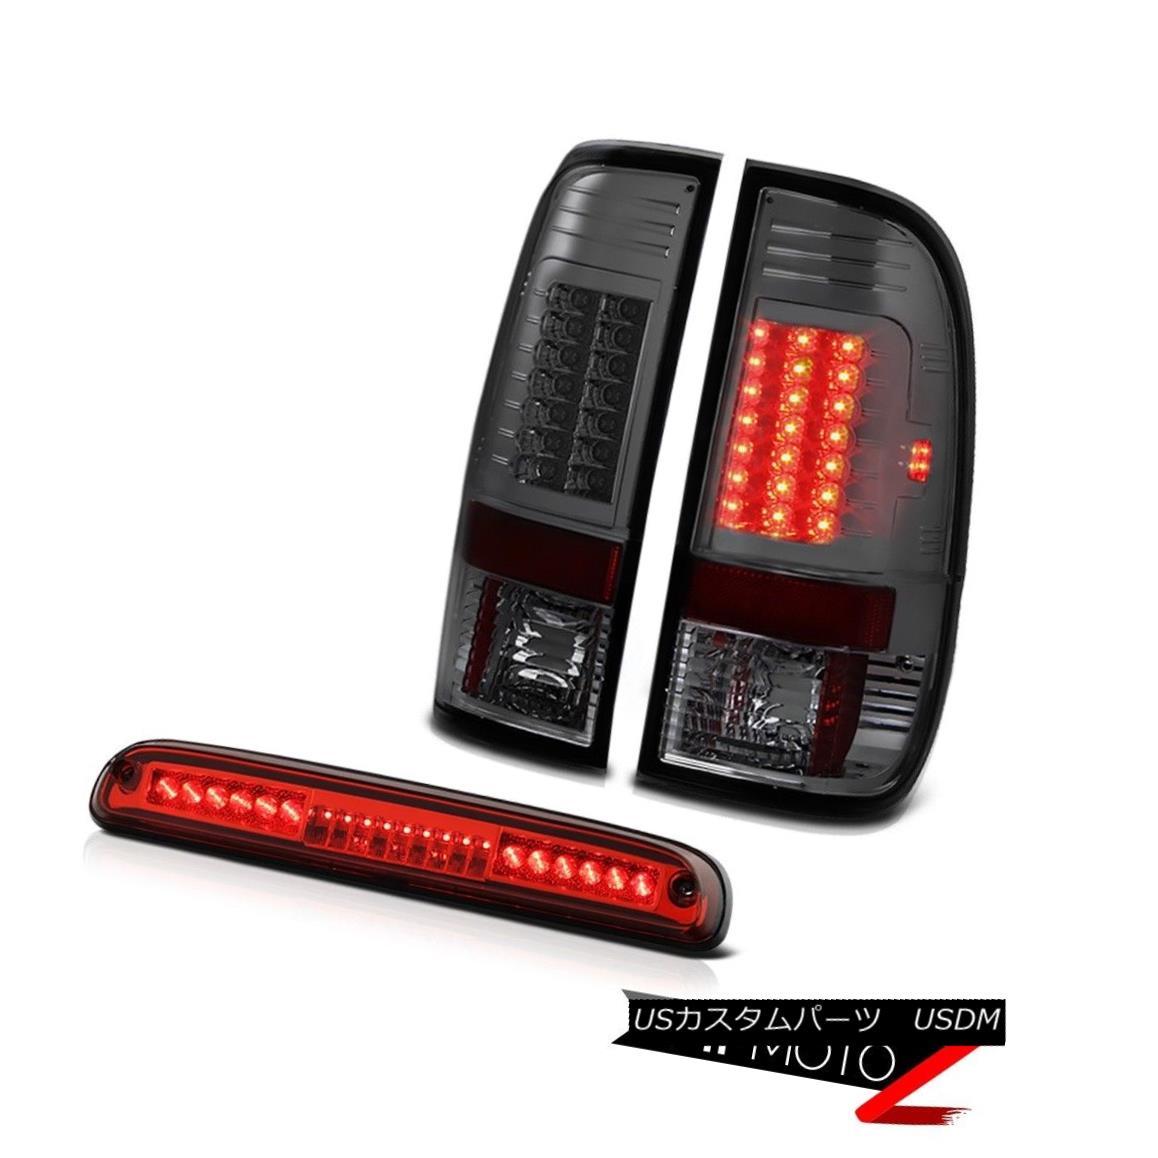 テールライト 99 00 01 02 0304 F250 6.8L Smoke Parking Tail Light Roof Third Brake LED Red 99 00 01 02 0304 F250 6.8Lスモークパーキングテールライトルーフ第3ブレーキLEDレッド